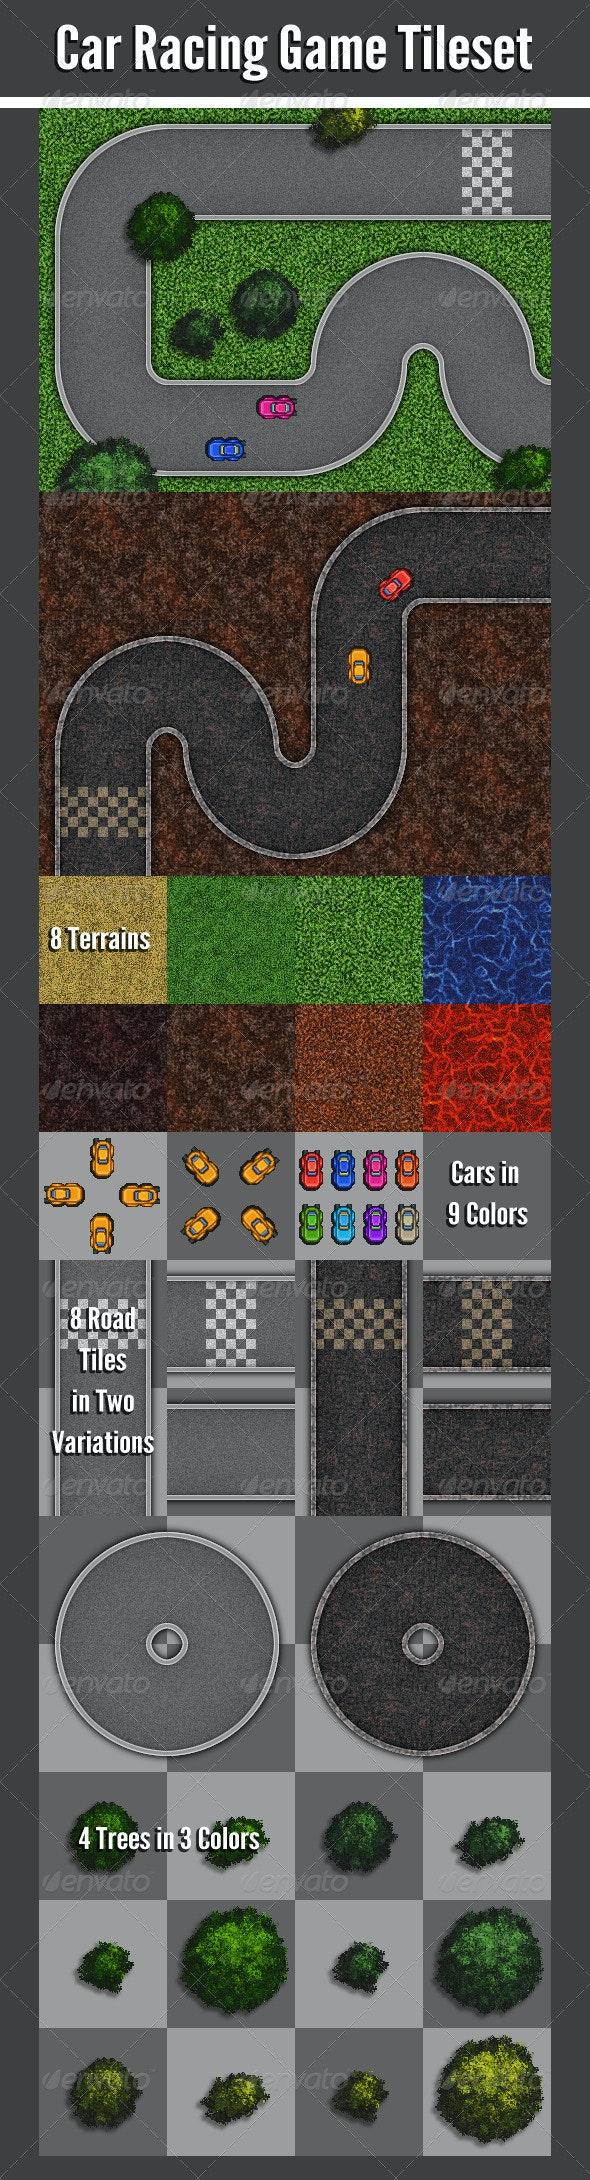 Car Racing Game Tileset